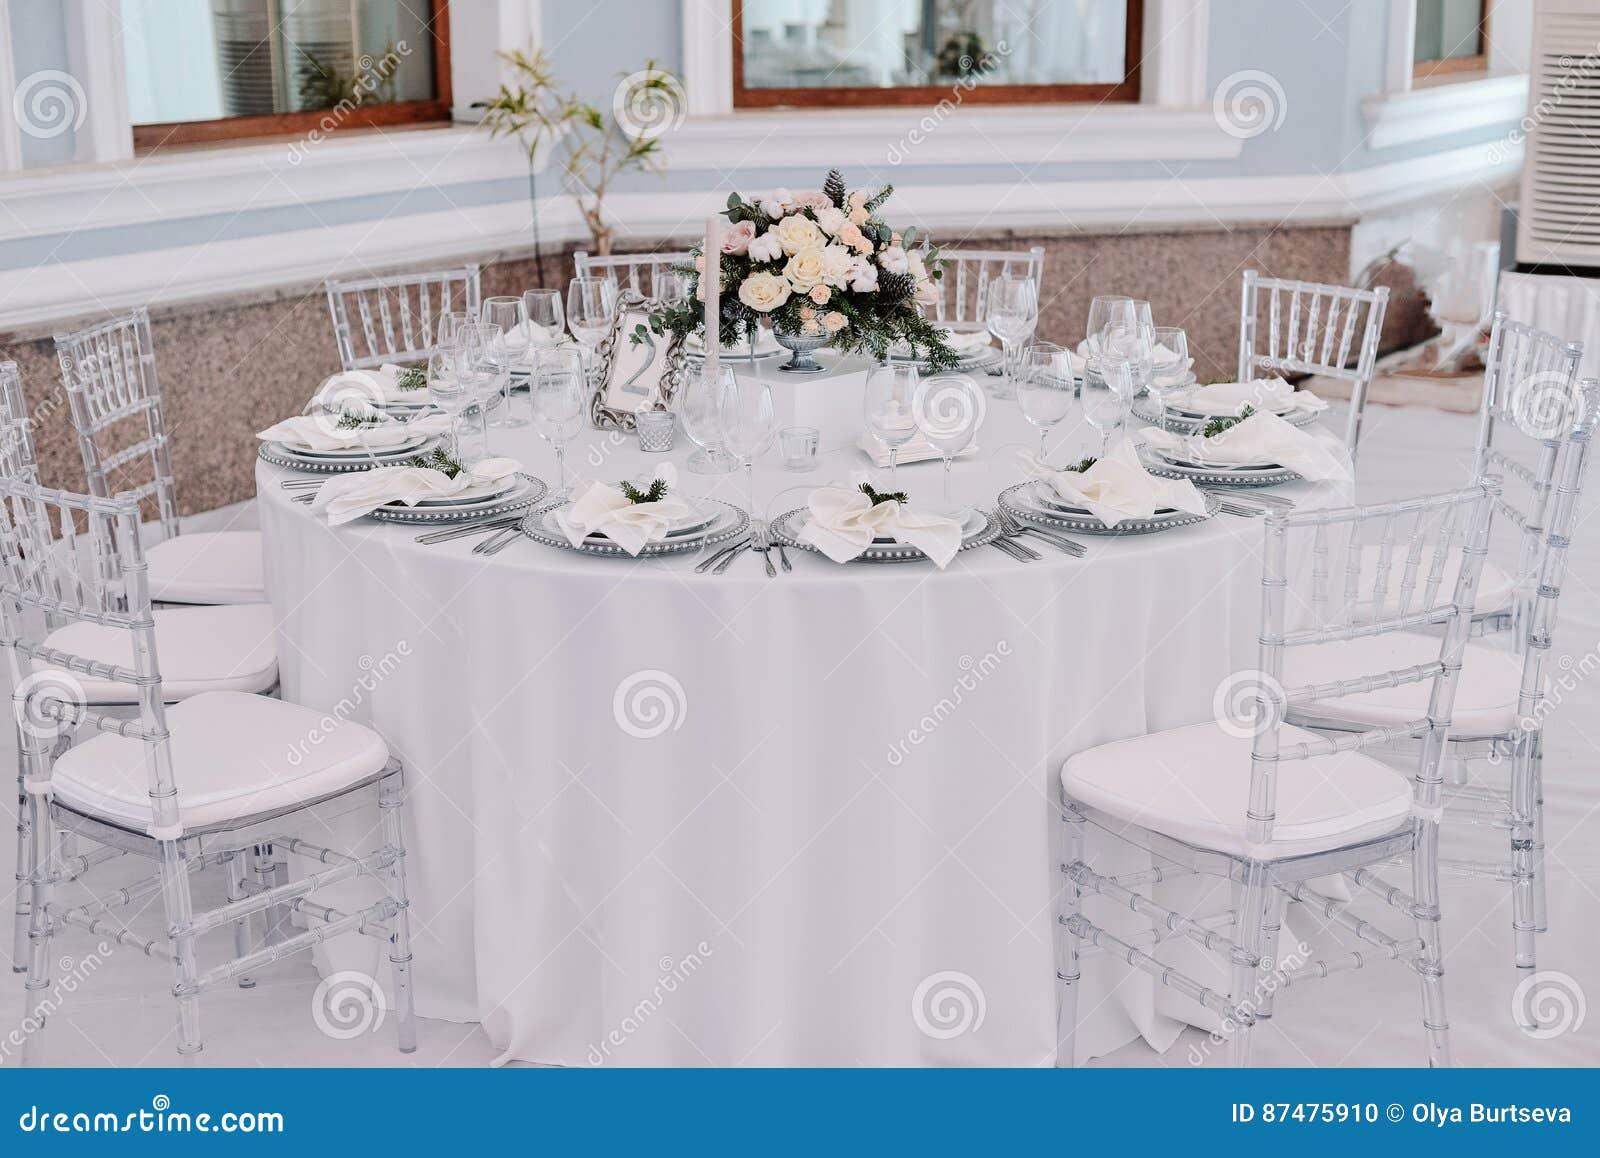 Колодец украсил таблицу пронумерованную гостем в tenderless зале свадьбы